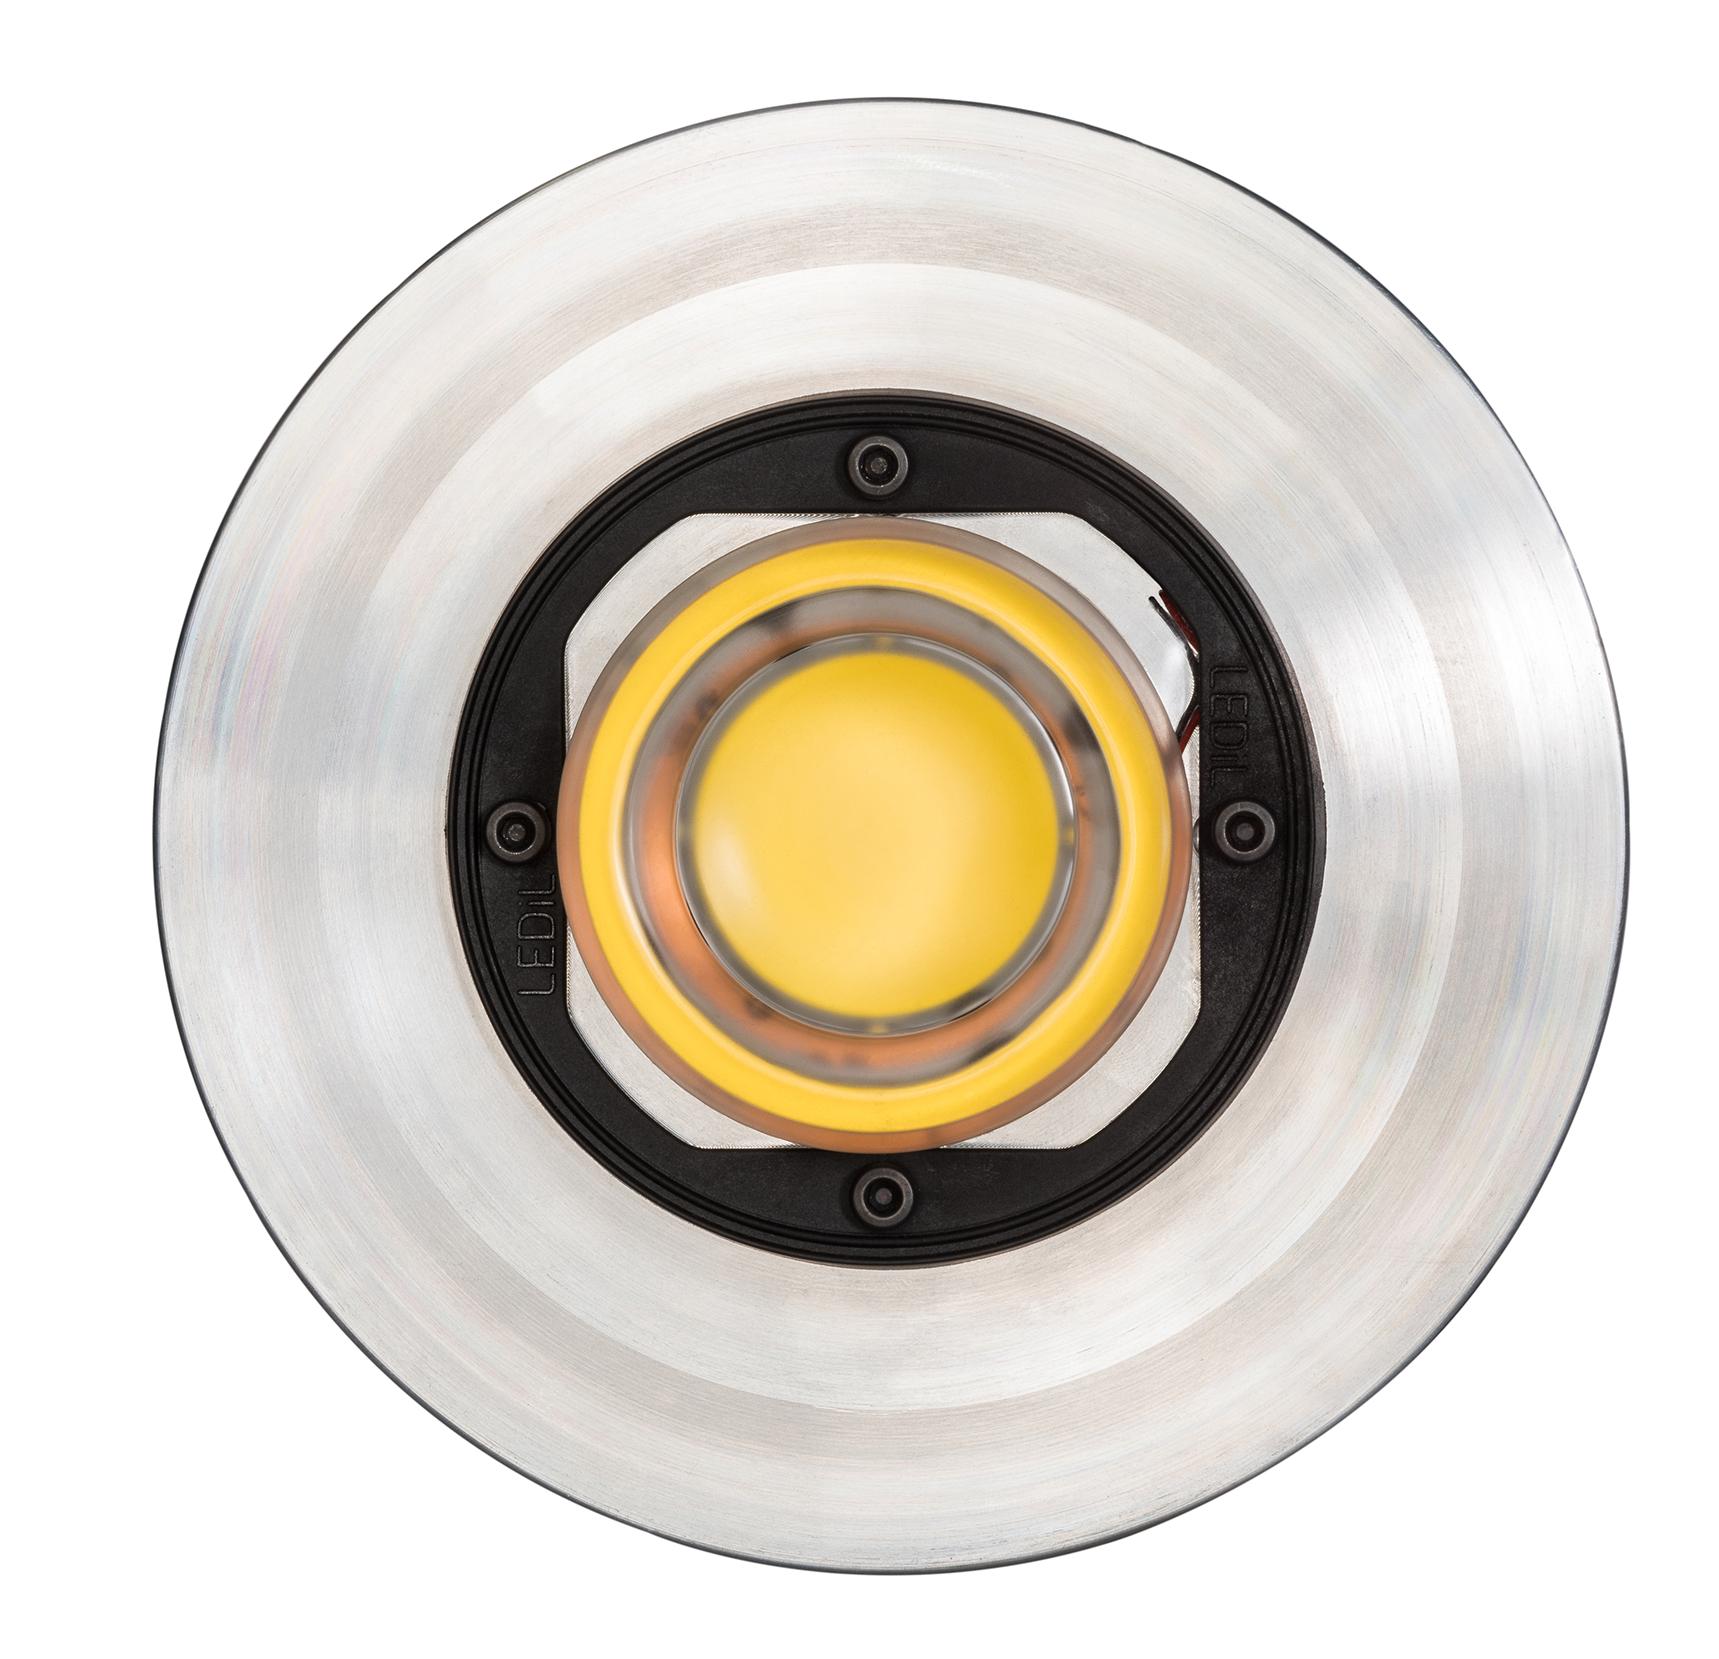 gran ahorro energetico con nuestras lamparas industriales led cob